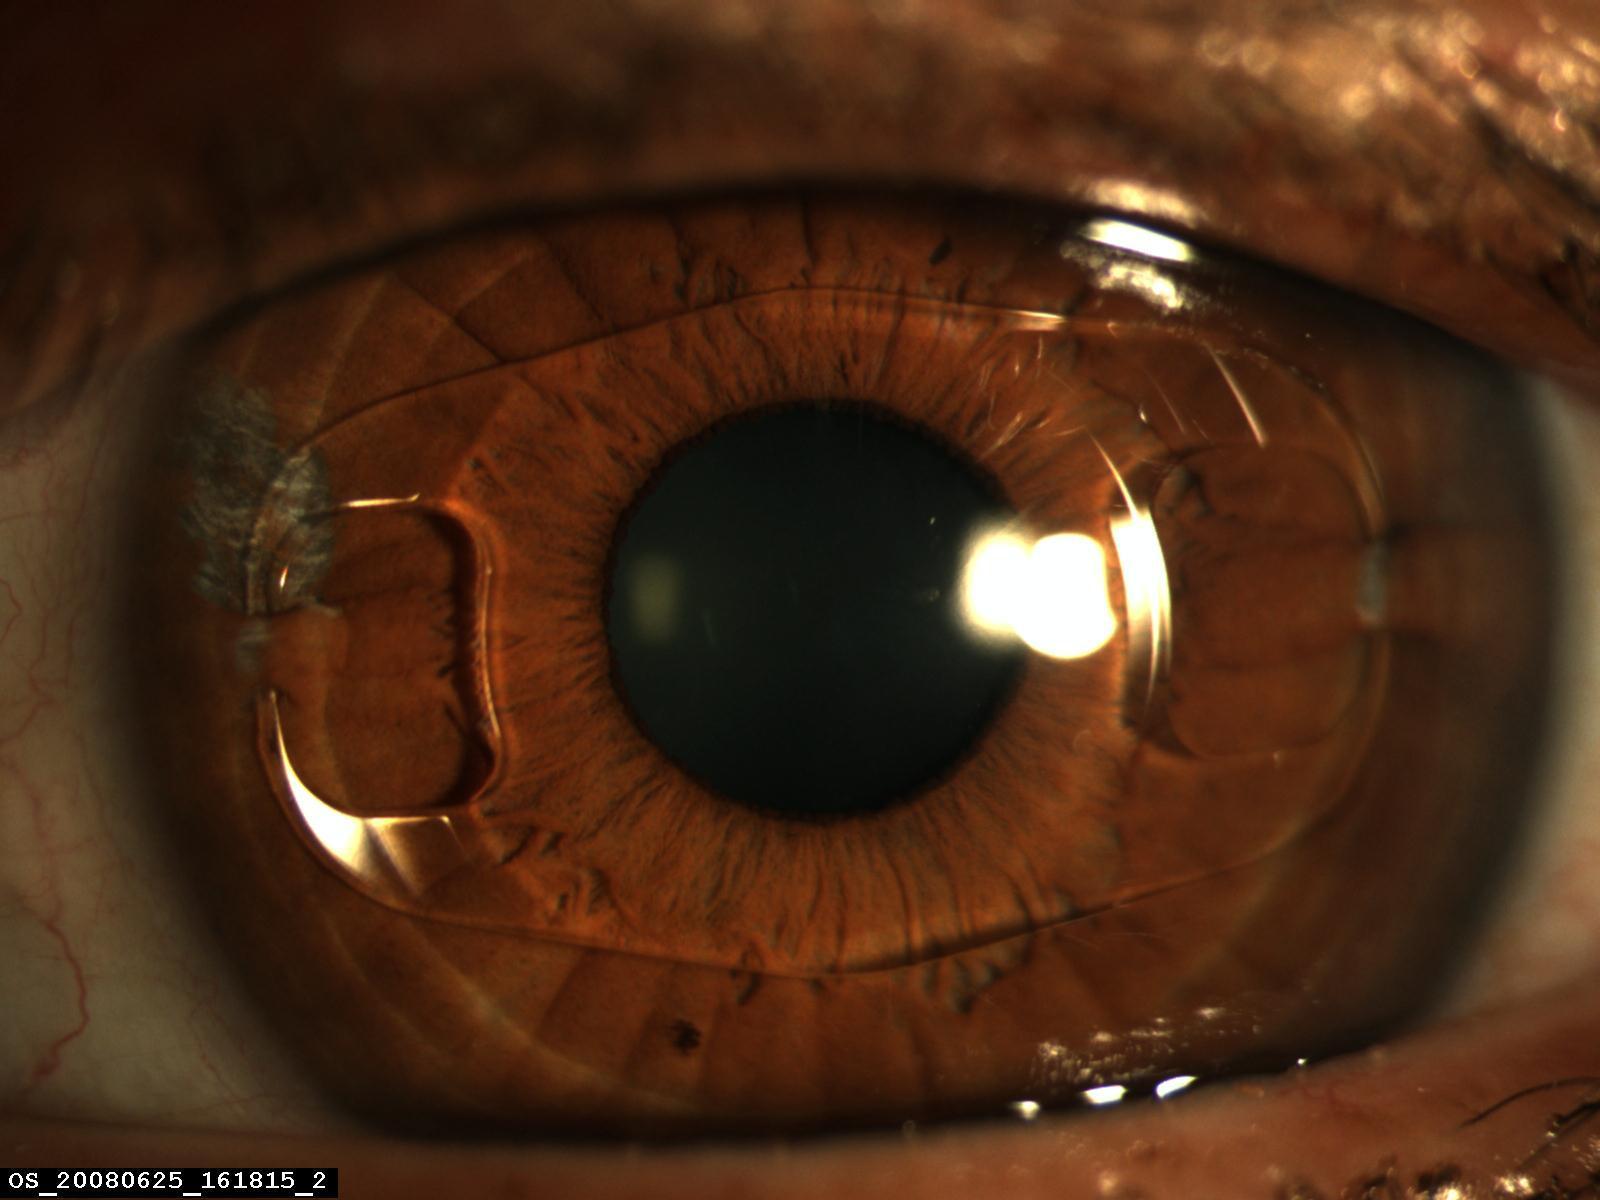 Implant Artisan en place, parfaitement centré sur une pupille bien ronde. 88a537fb6df8